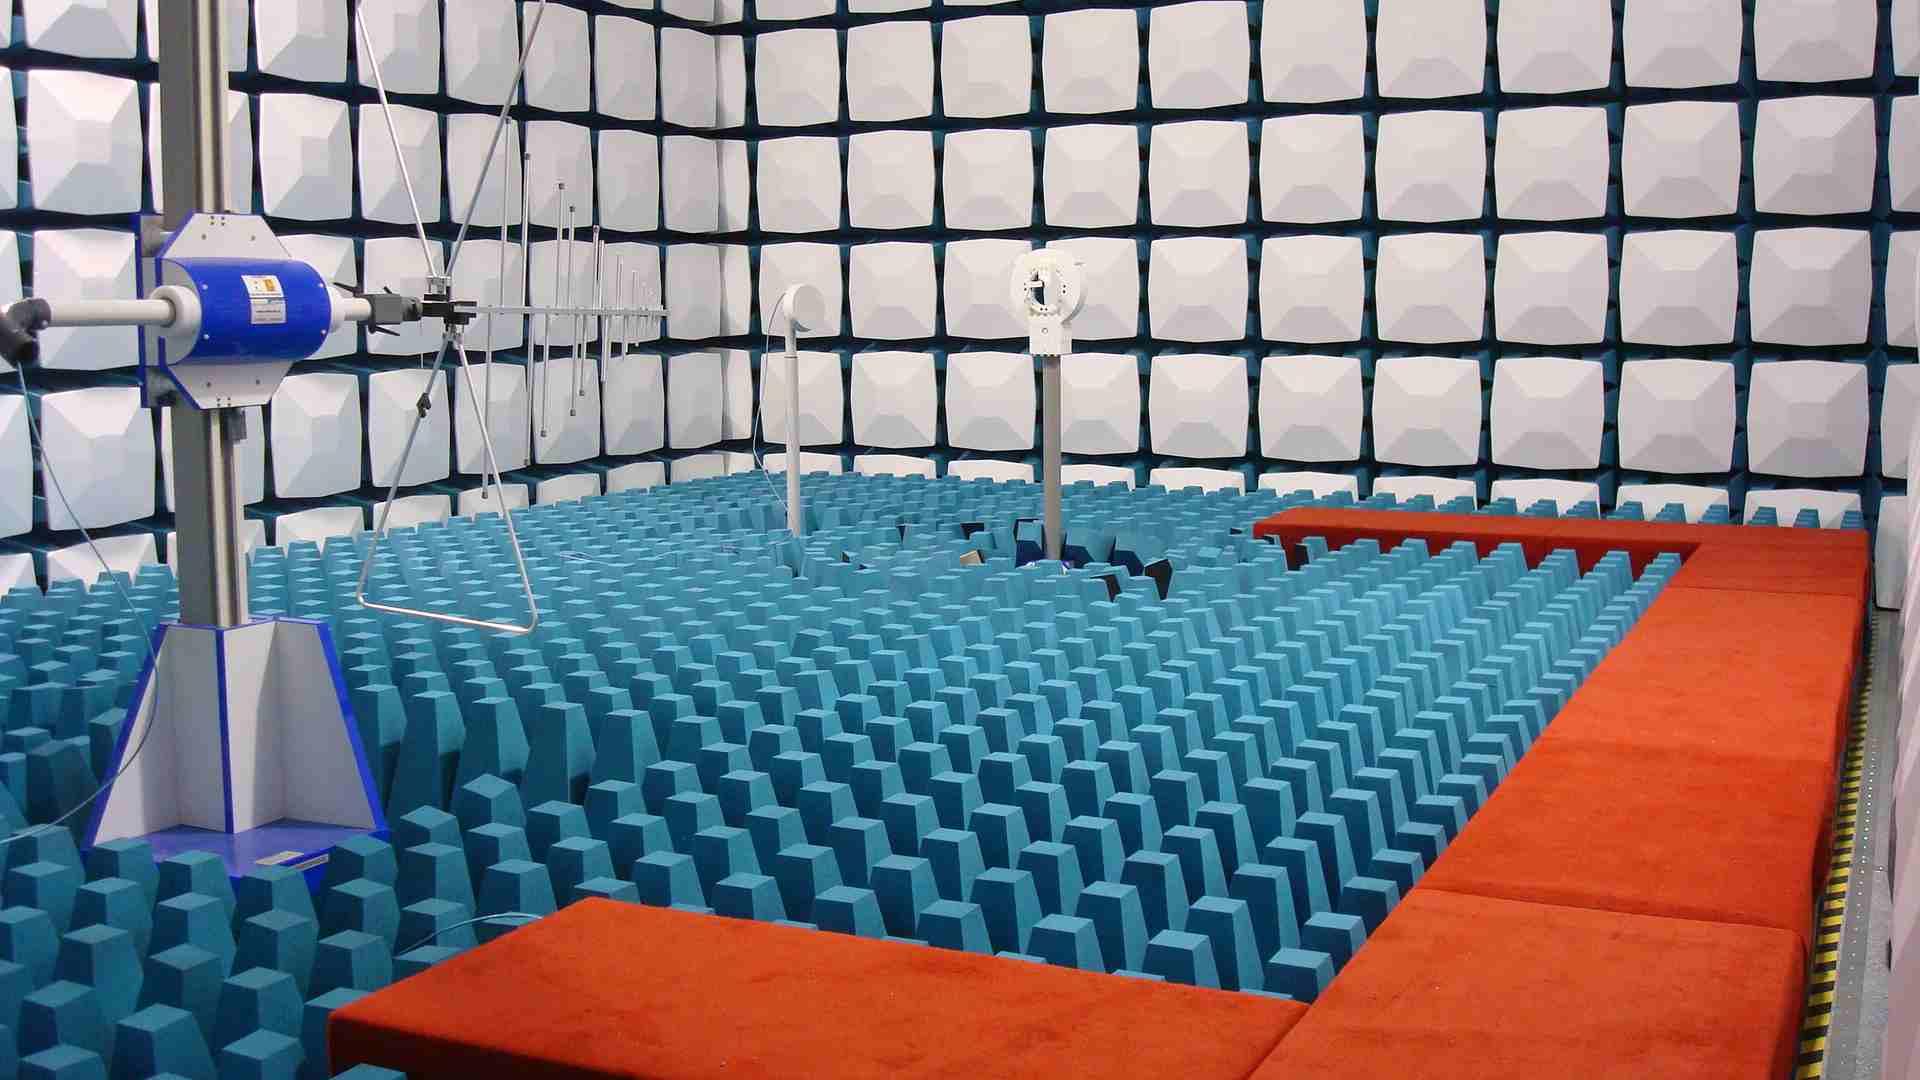 5m  Anechoic chamber